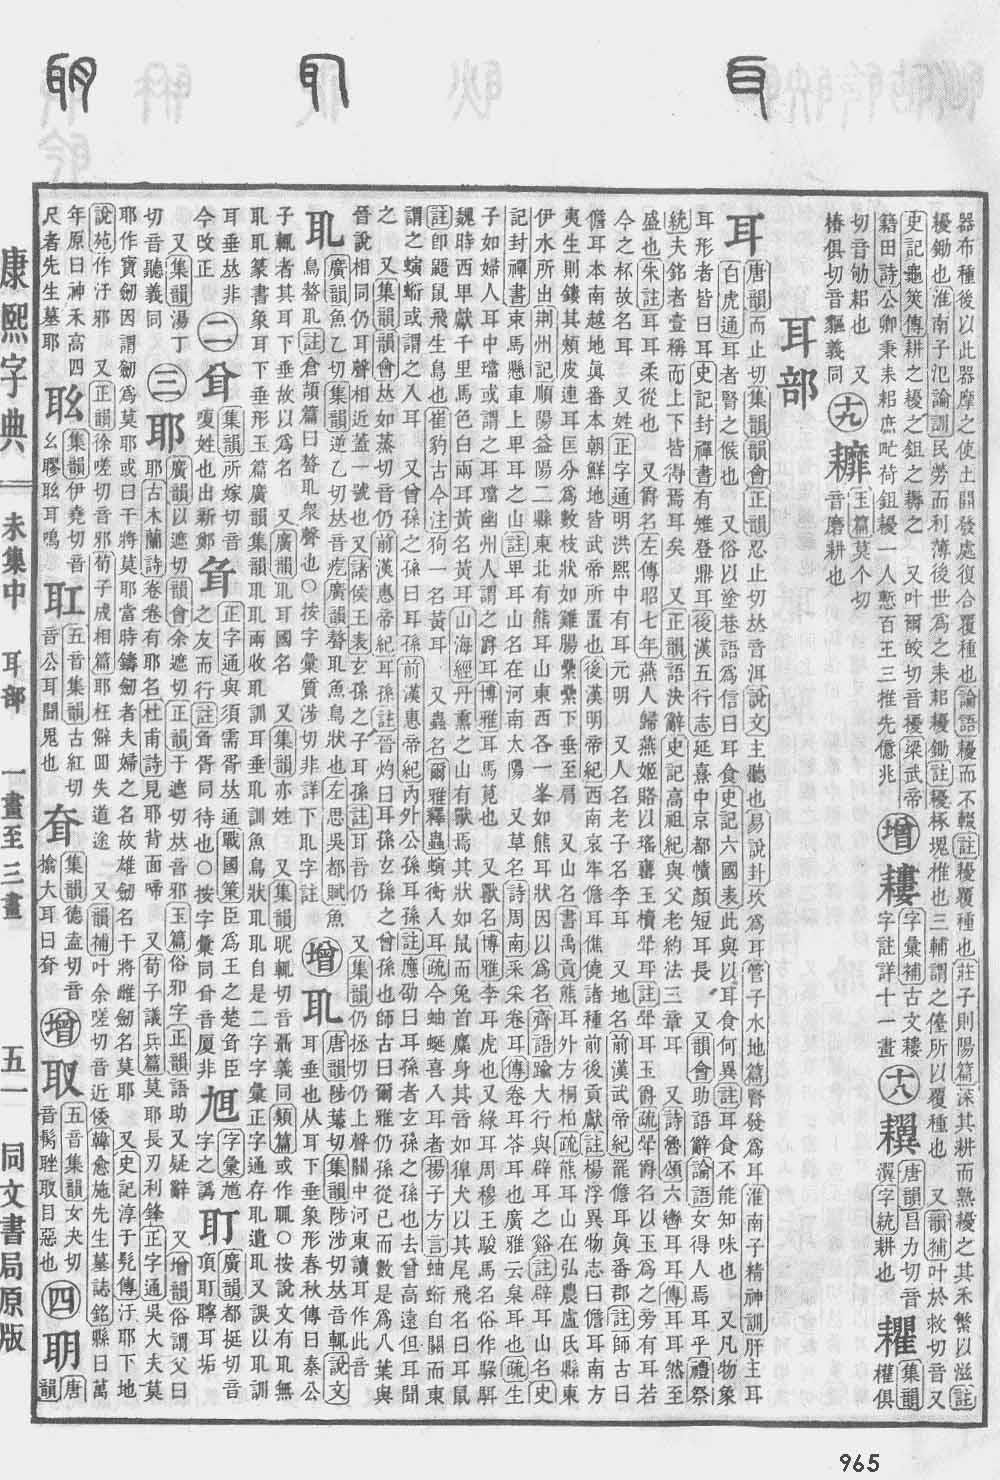 《康熙字典》第965页